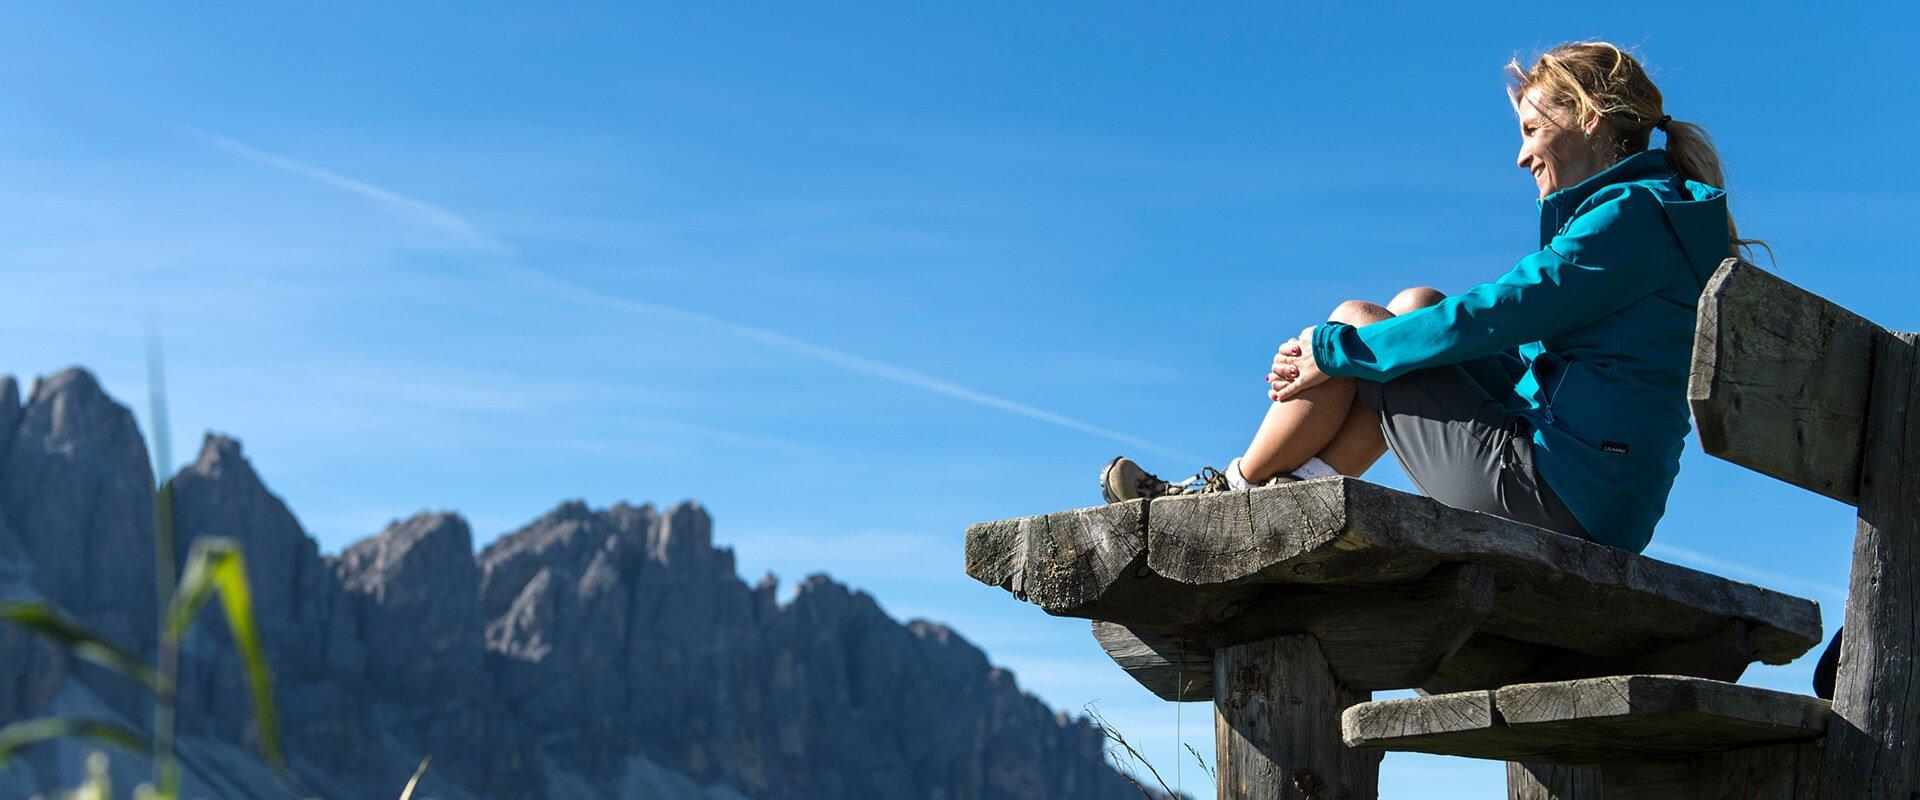 Sommerurlaub Südtirol auf dem Kircherhof | Brixen - Plose - Dolomiten